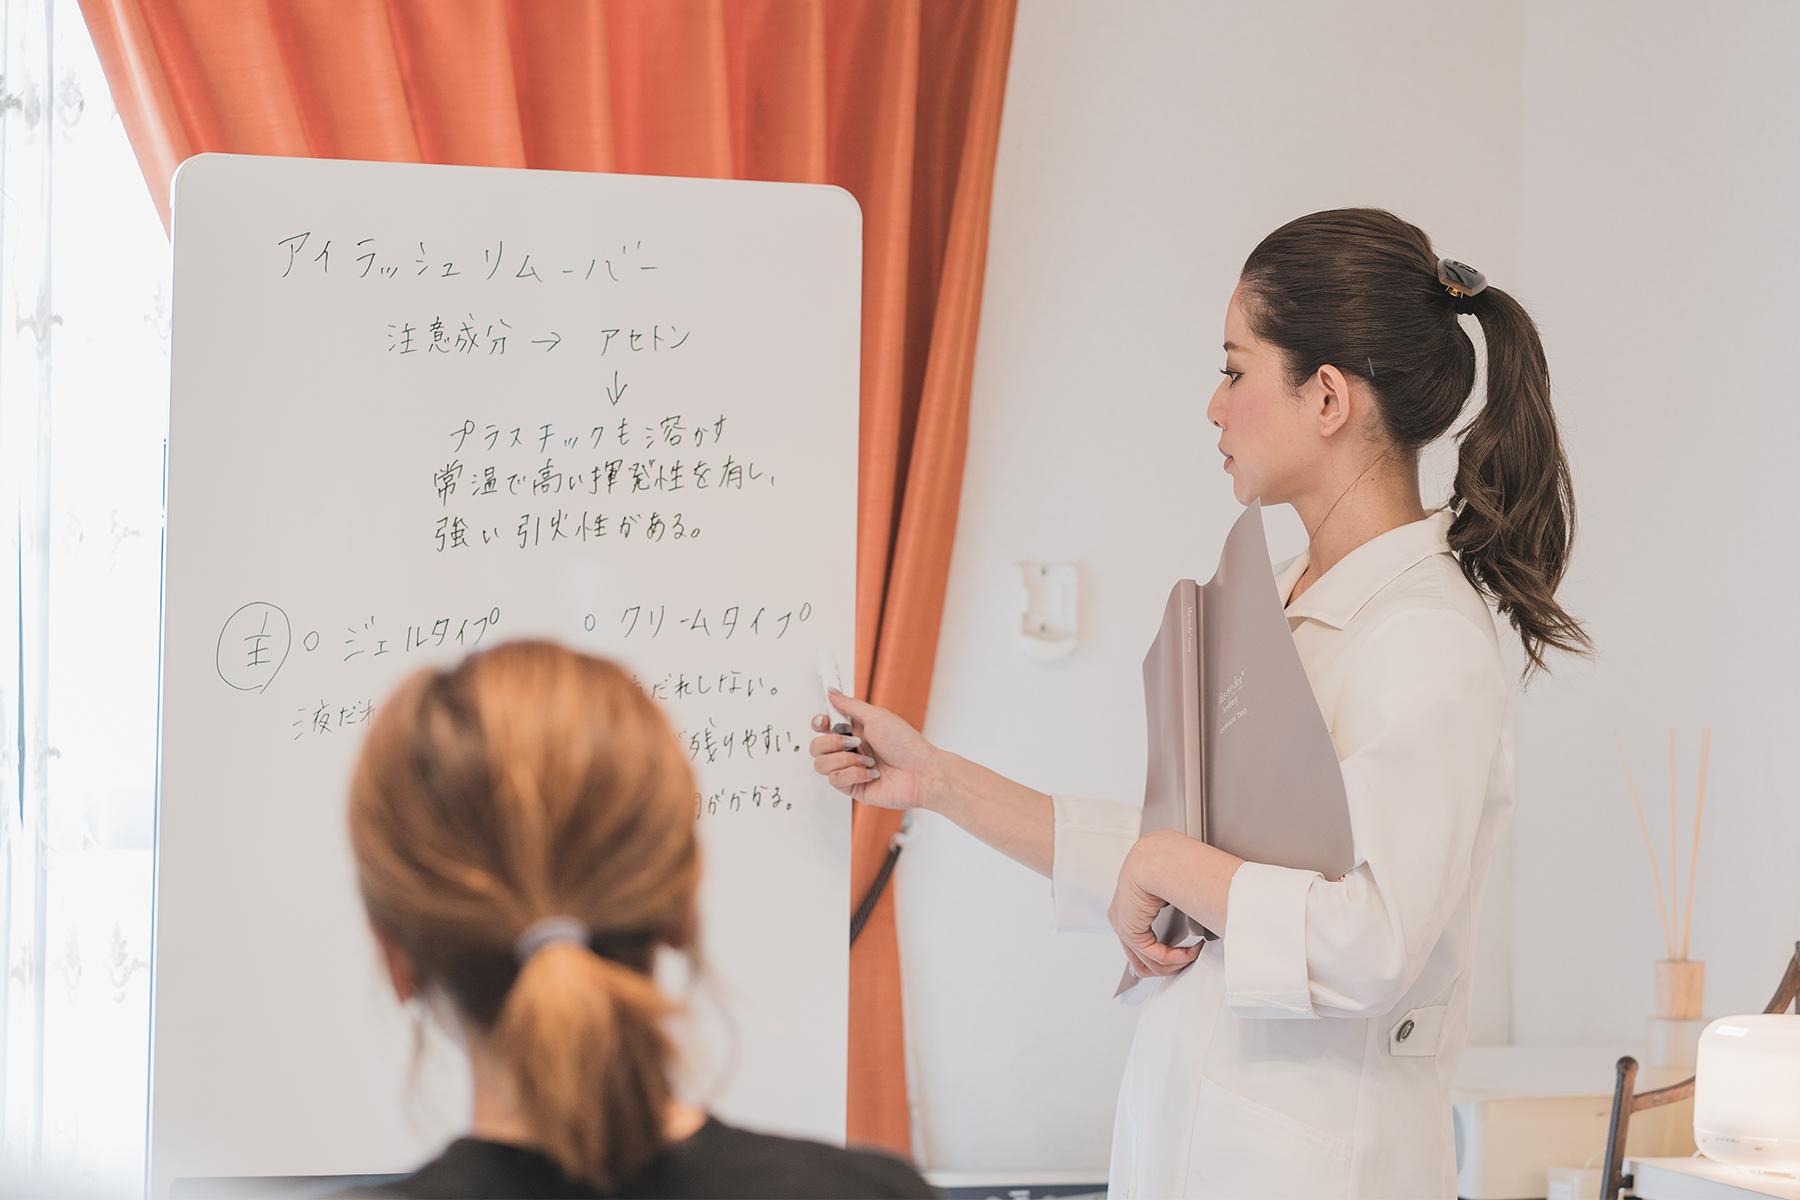 ブラッシュアップ講習のイメージ